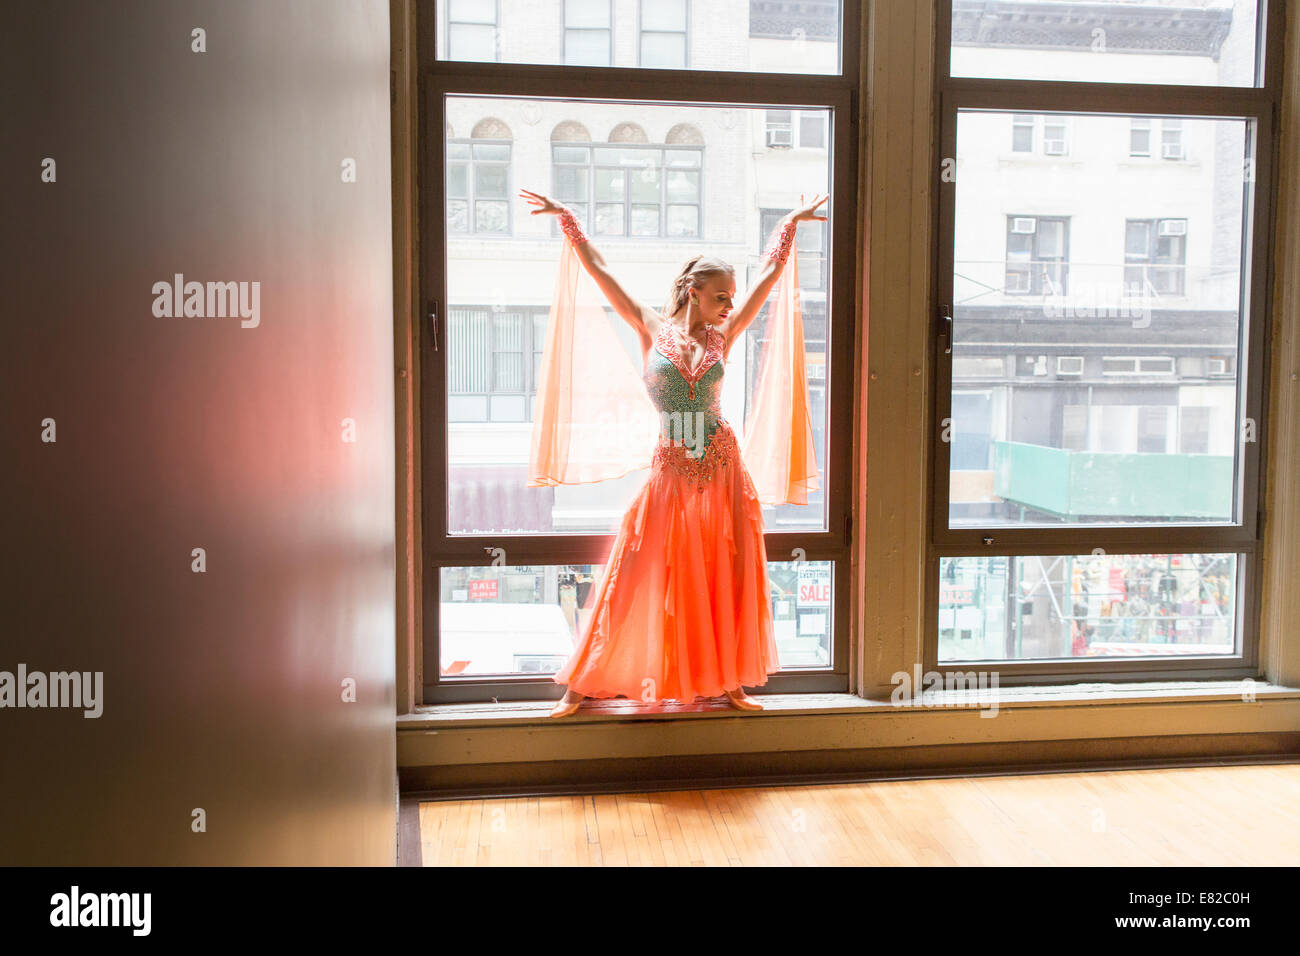 Tänzerin in Tanzstudio. Eine Frau am Fenster posiert. Stockbild